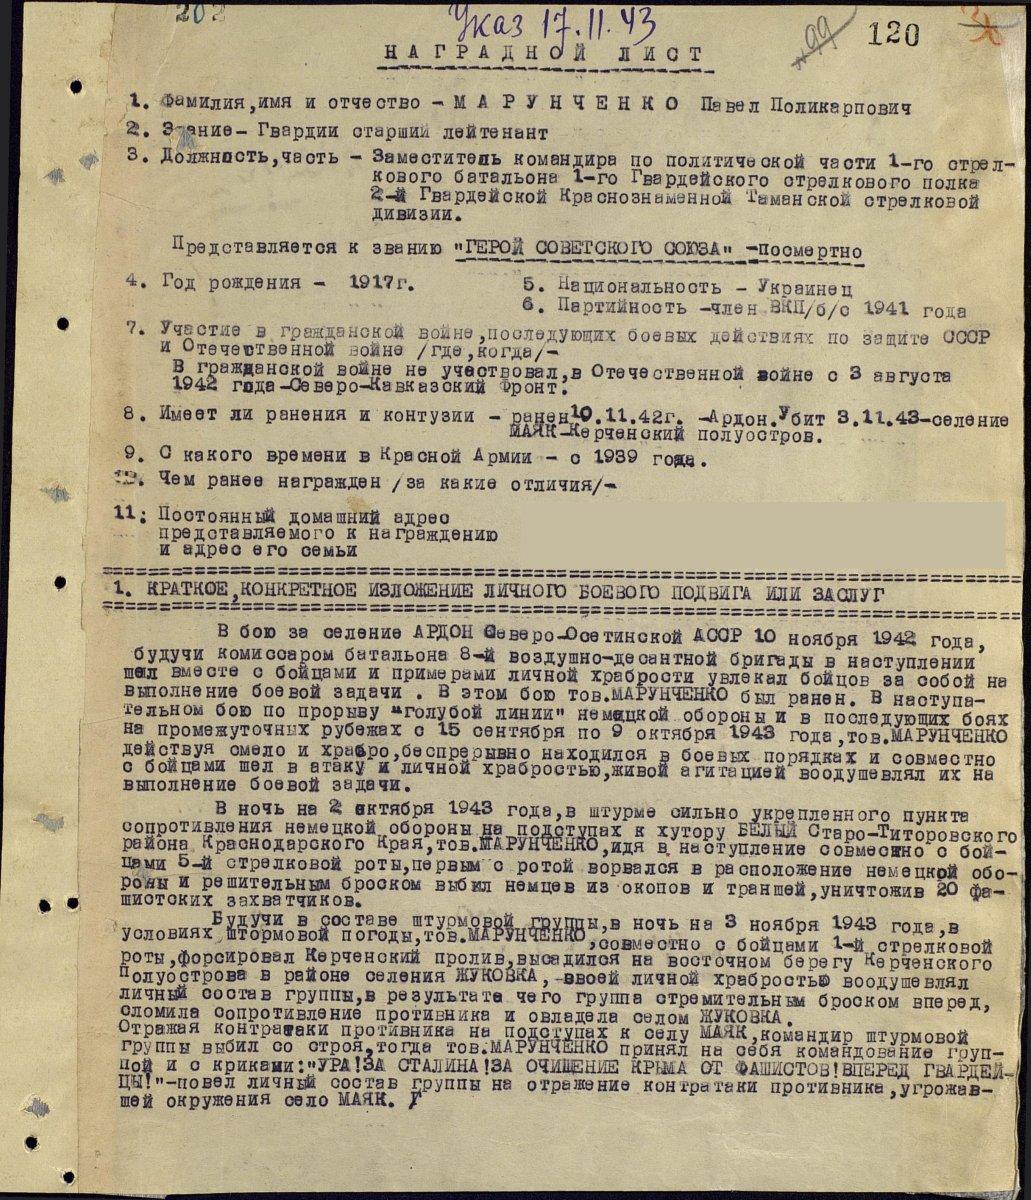 nagradnoy-marunchenko-pavel-polikarpovich-1